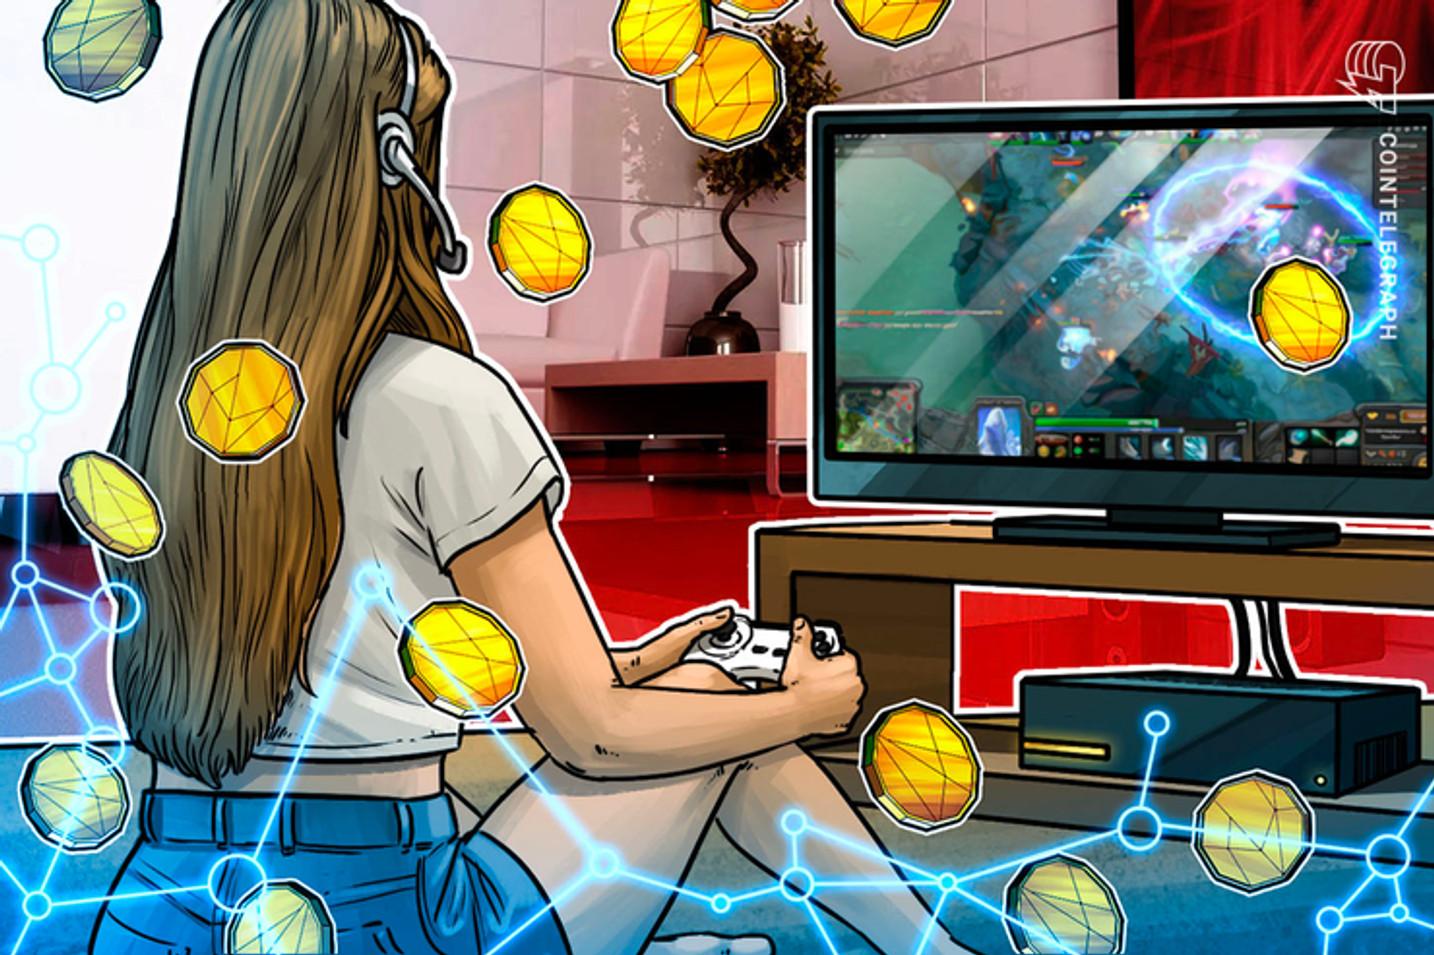 仮想通貨取引所コインチェック、ブロックチェーンゲーム「サンドボックス」と連携開始 | NFTマーケットプレイスで